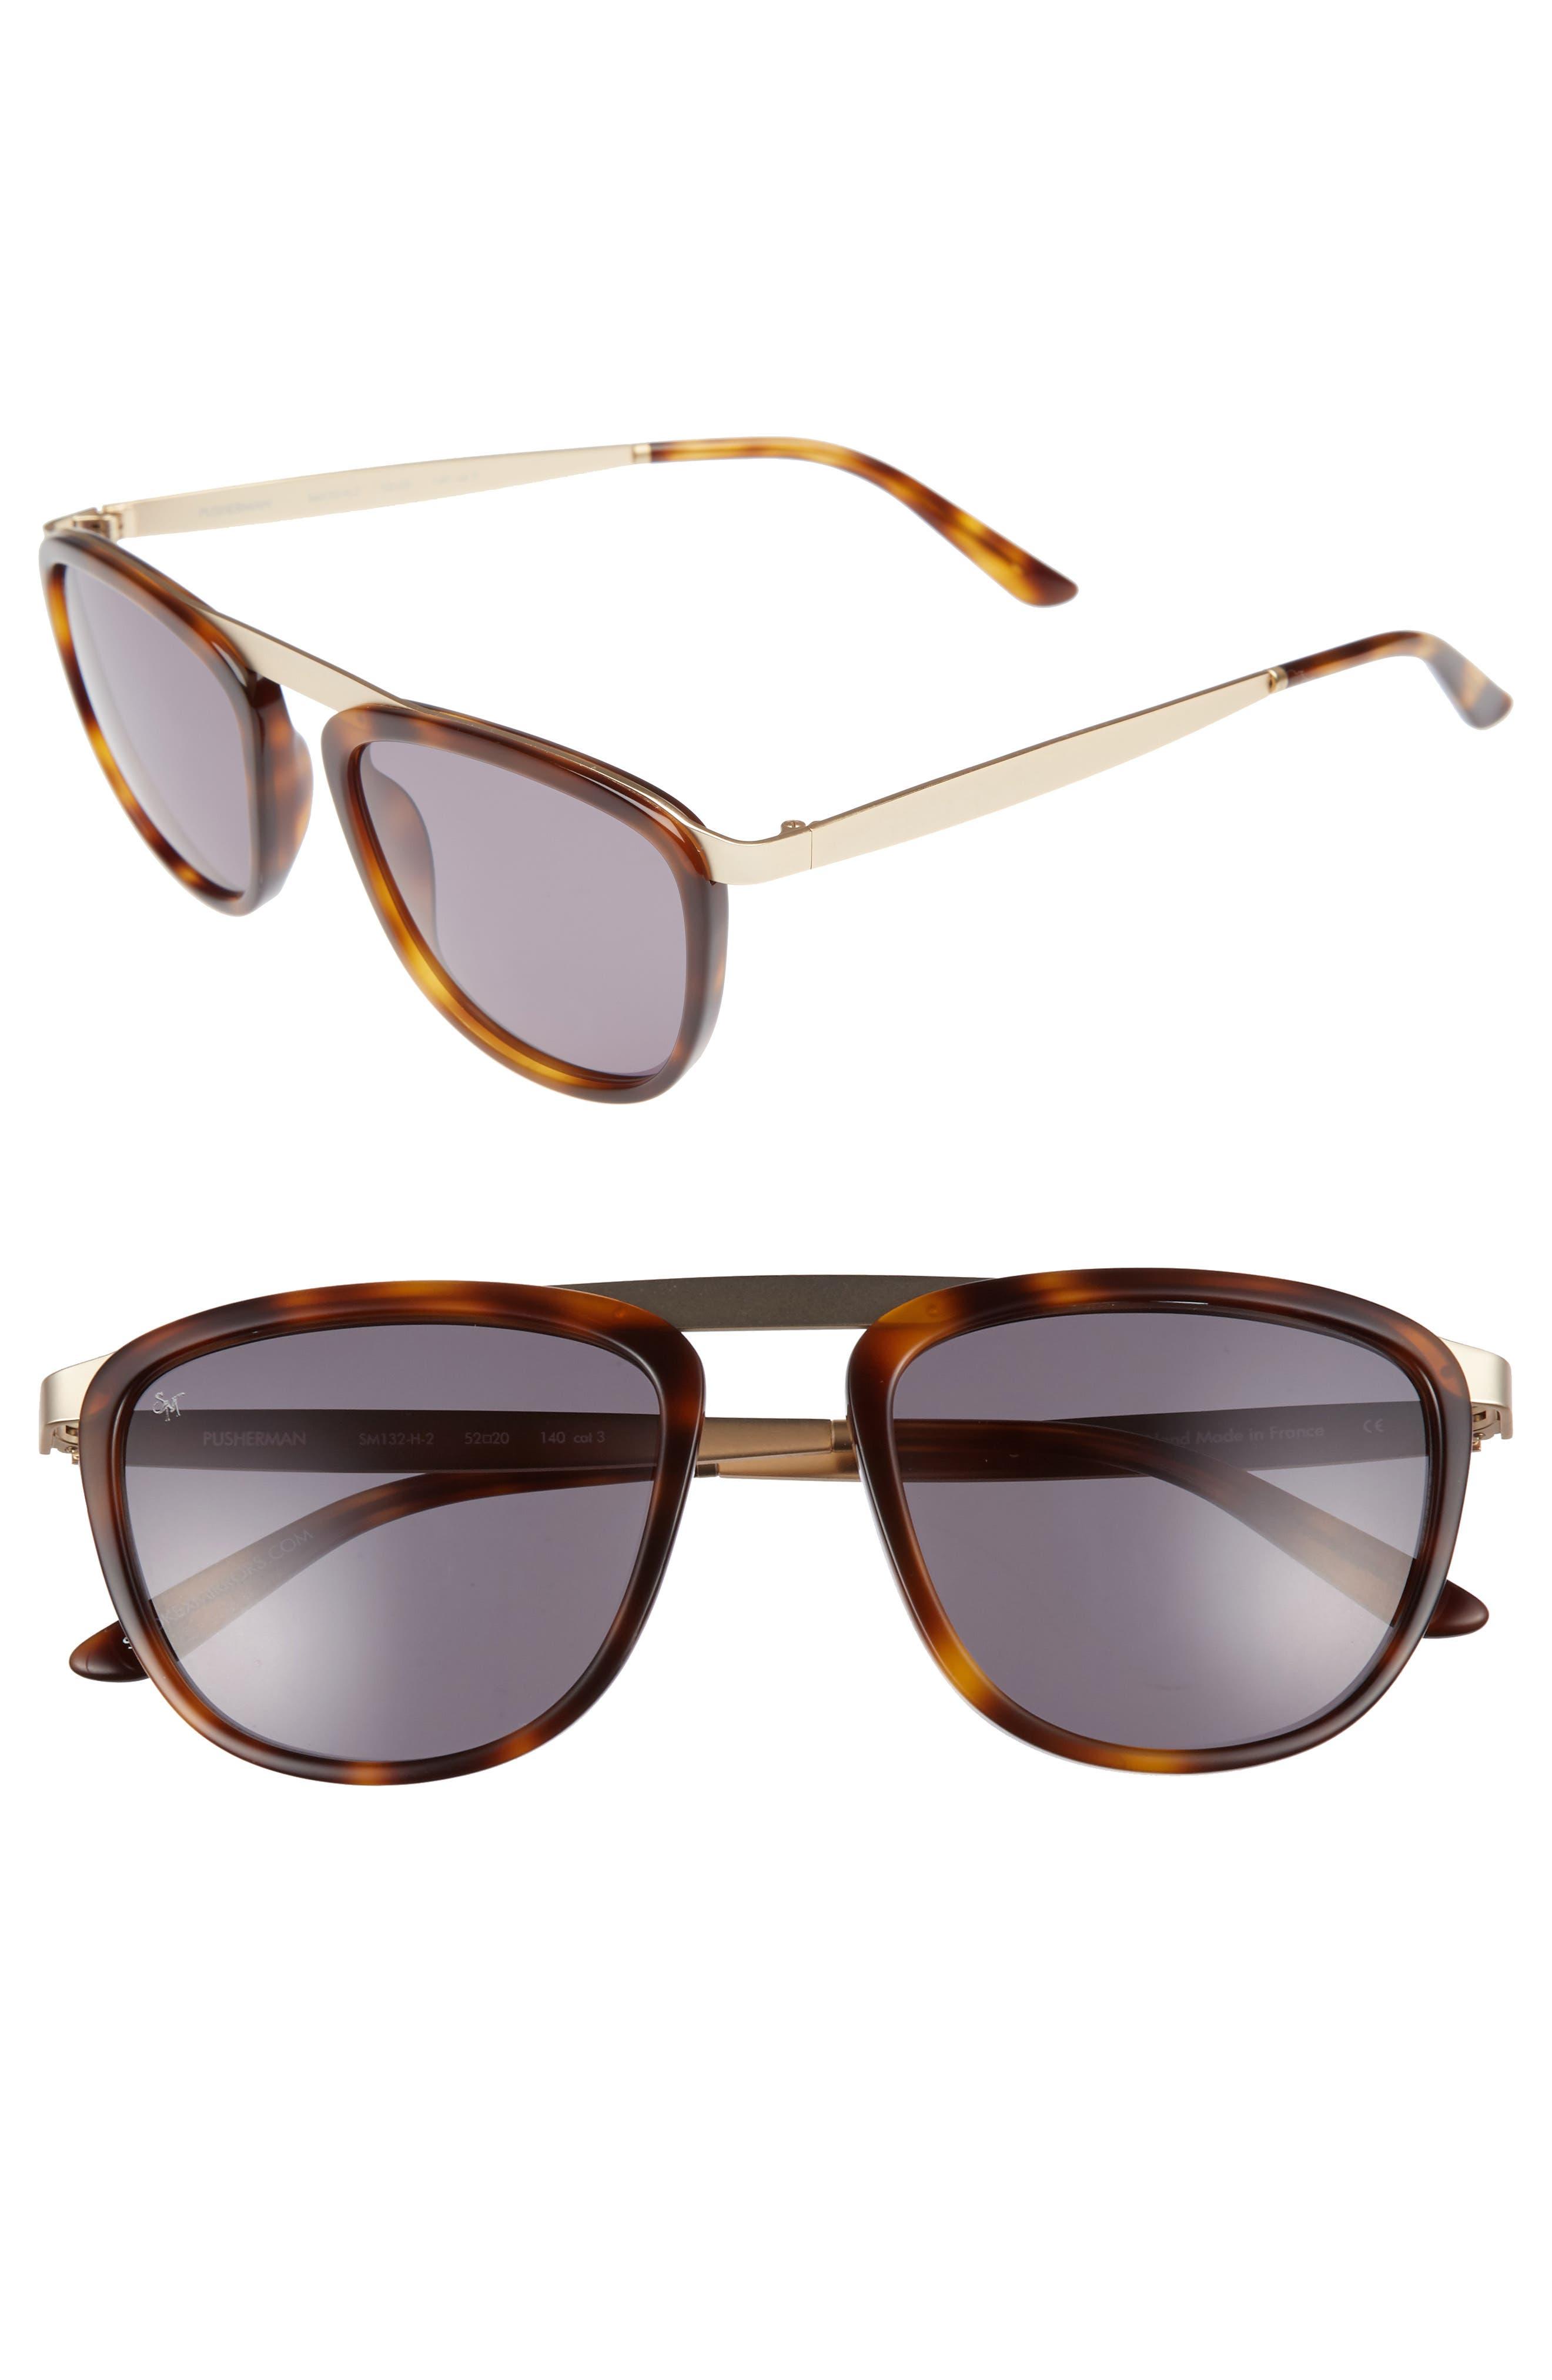 Pusherman 52mm Retro Sunglasses,                             Main thumbnail 1, color,                             Tortoise- Matte Gold/ Green